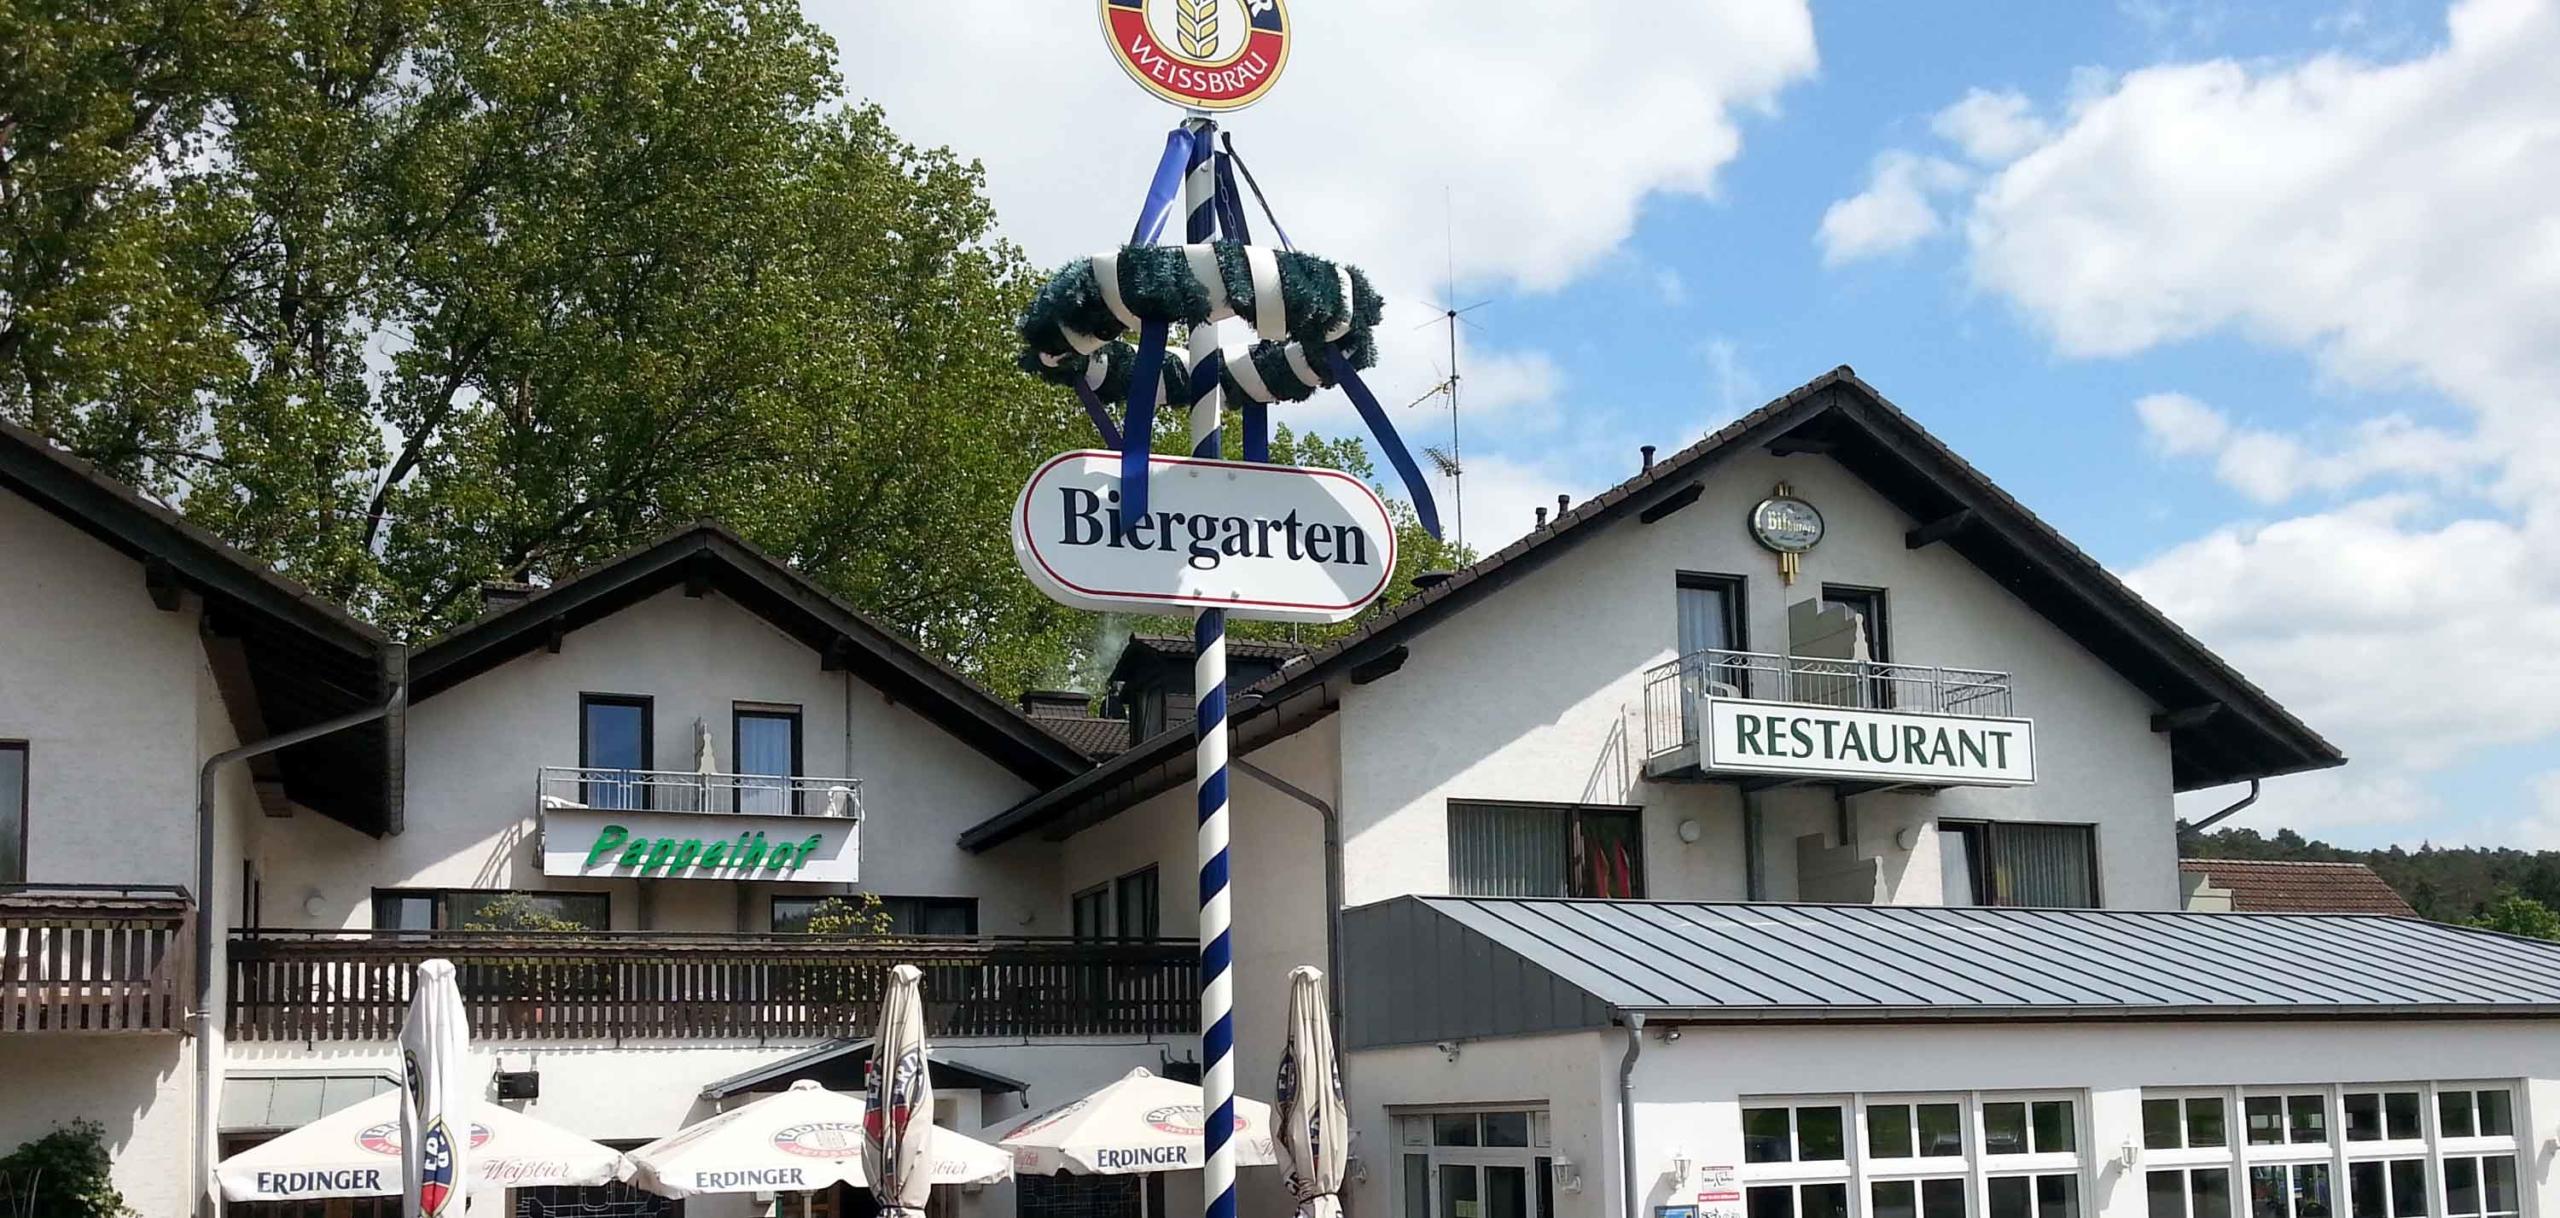 Hotel Pappelhof Biergarten